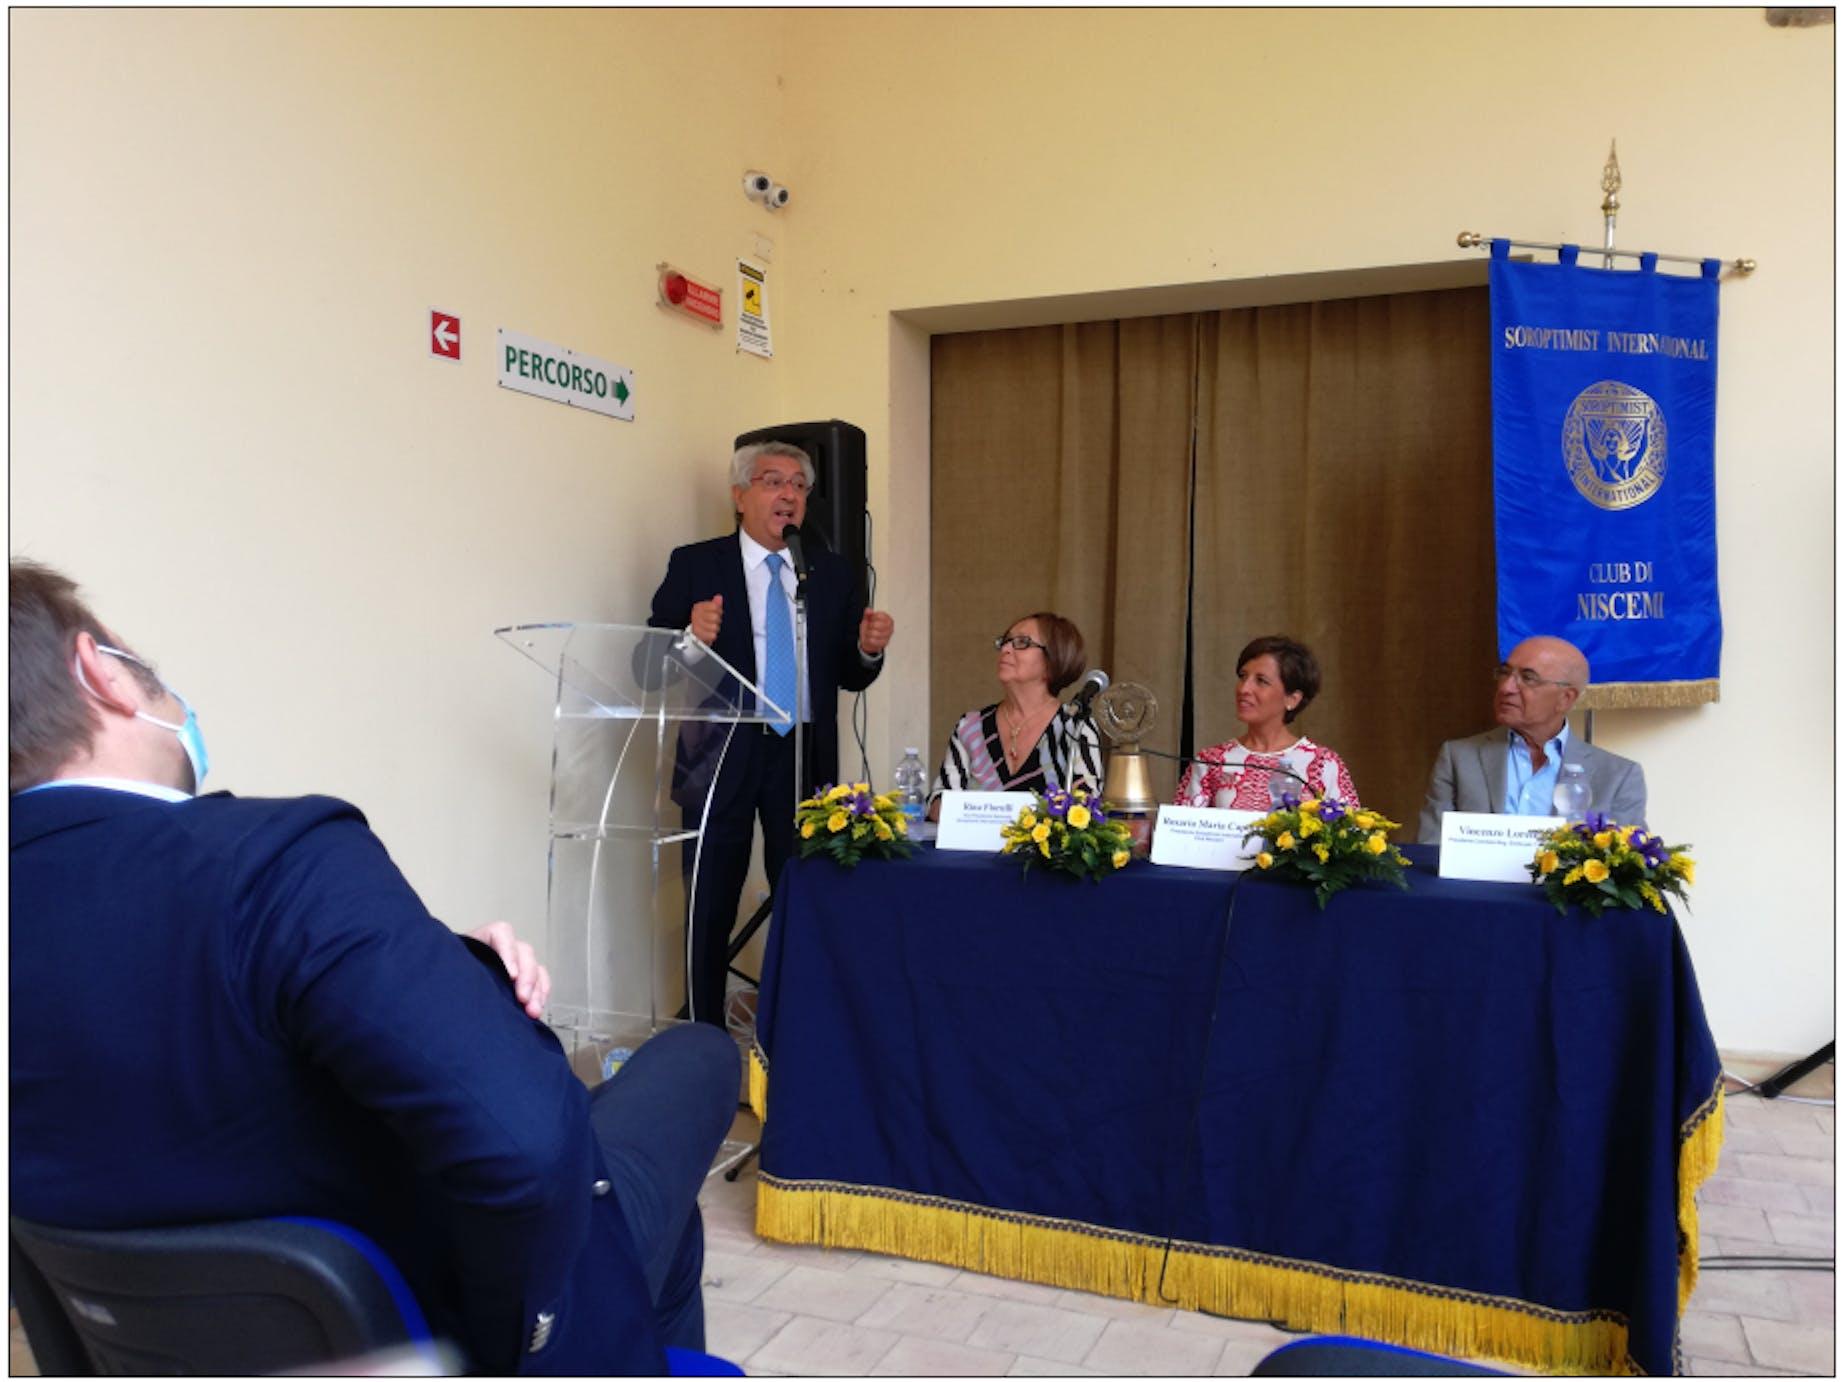 Un momento della cerimonia di presentazione del BPS. Al microfono il Direttore del Museo Francesco Mongelli, al tavolo Rina Florulli, Rosaria Maria Caputo e Vincenzo Lorefice